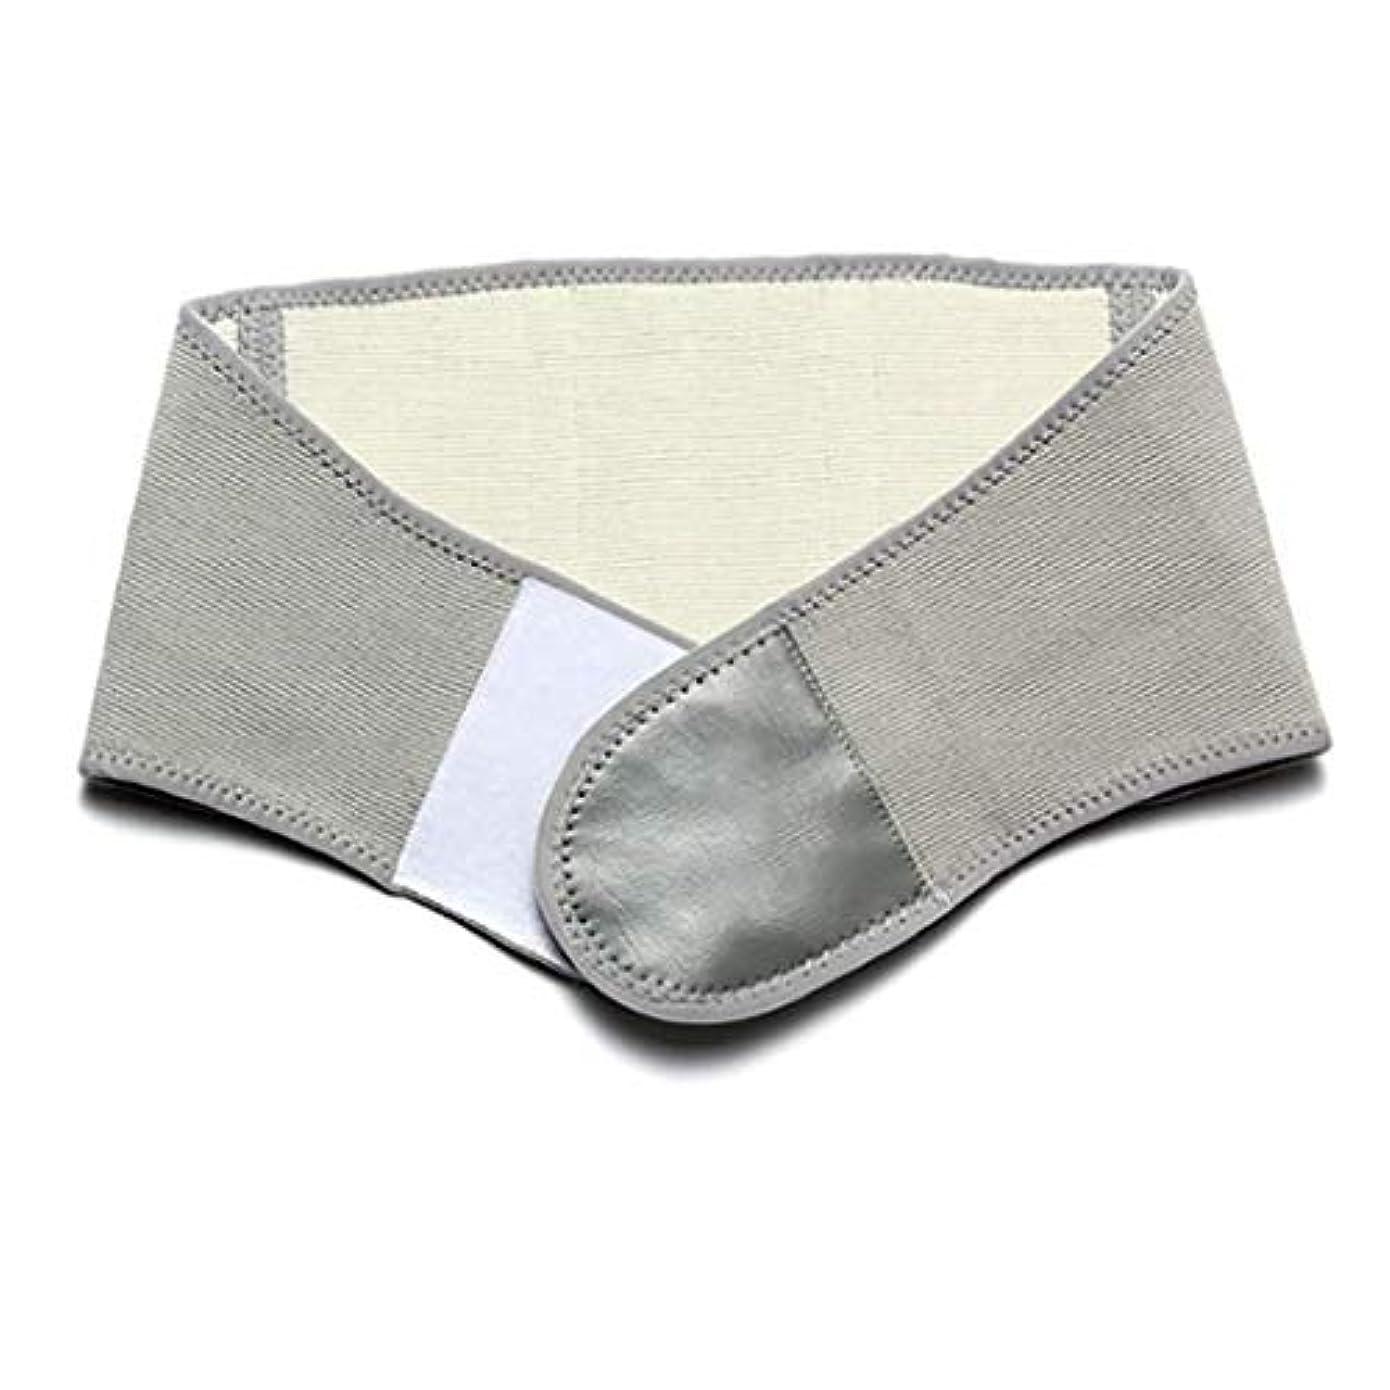 魚政治的適用するウエスト補正ベルト、バック/ウエスト暖かさ、ランバーサポートベルト、通気性ベルト、メンズとウィメンズフィットネスベルト